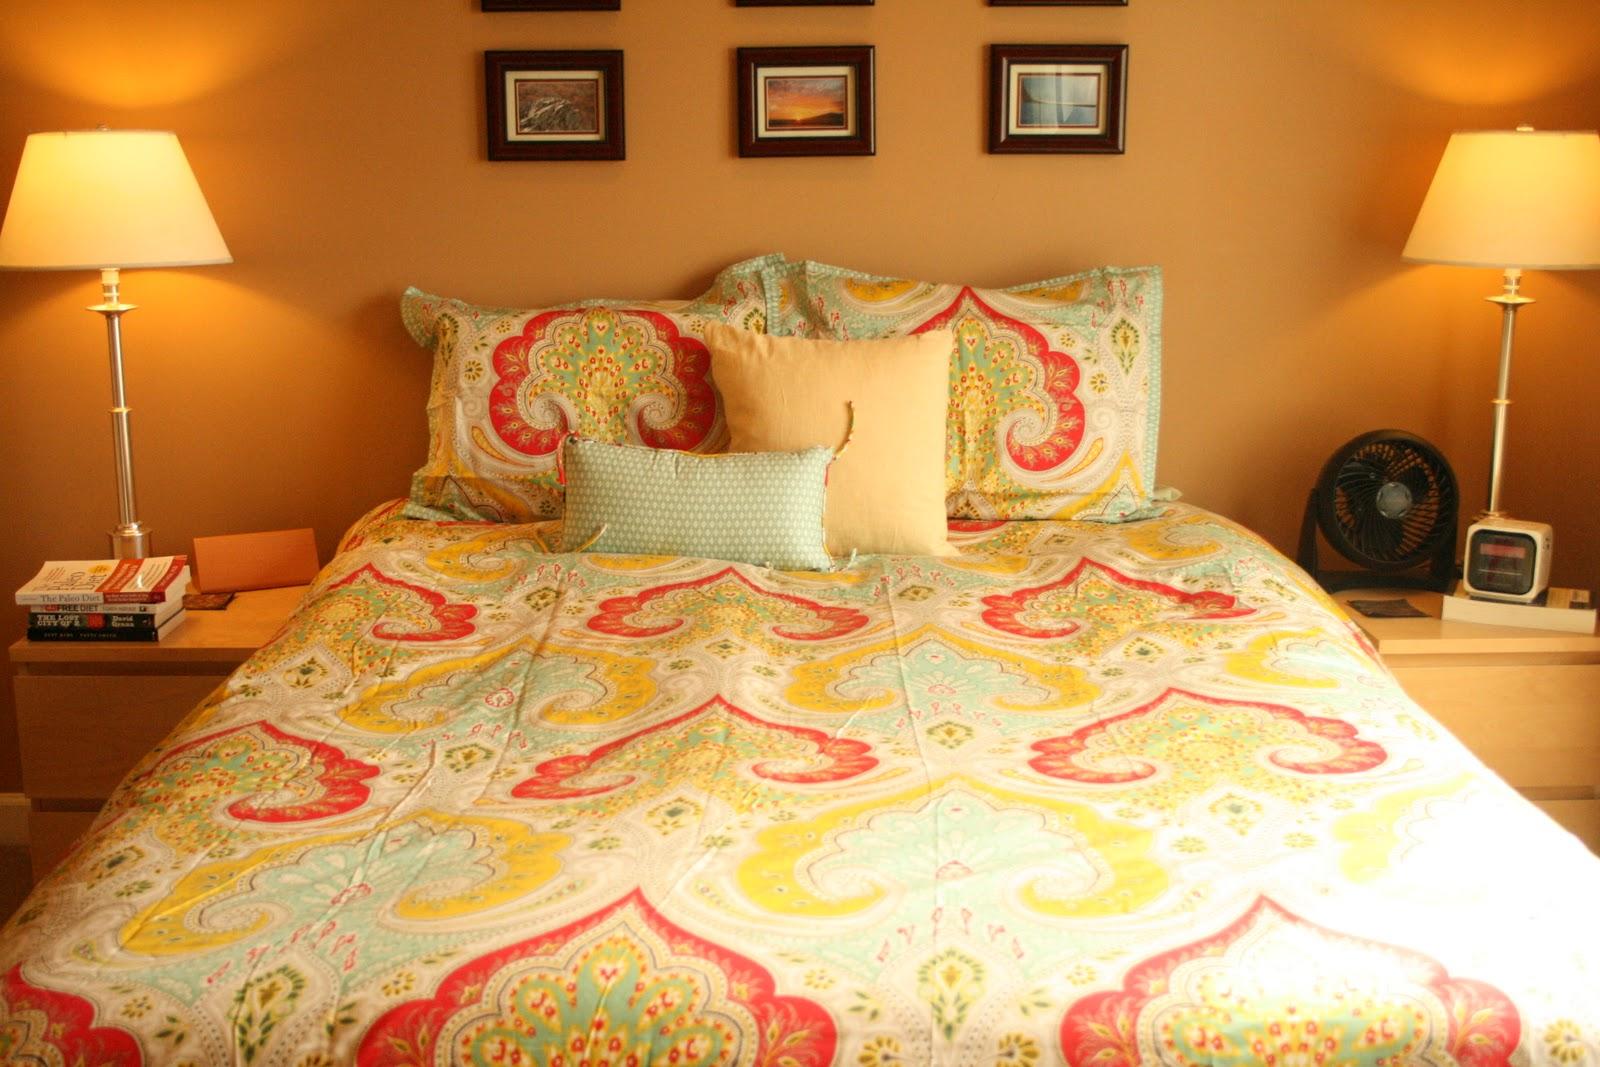 jaipur bedding - literally organized new duvet cover